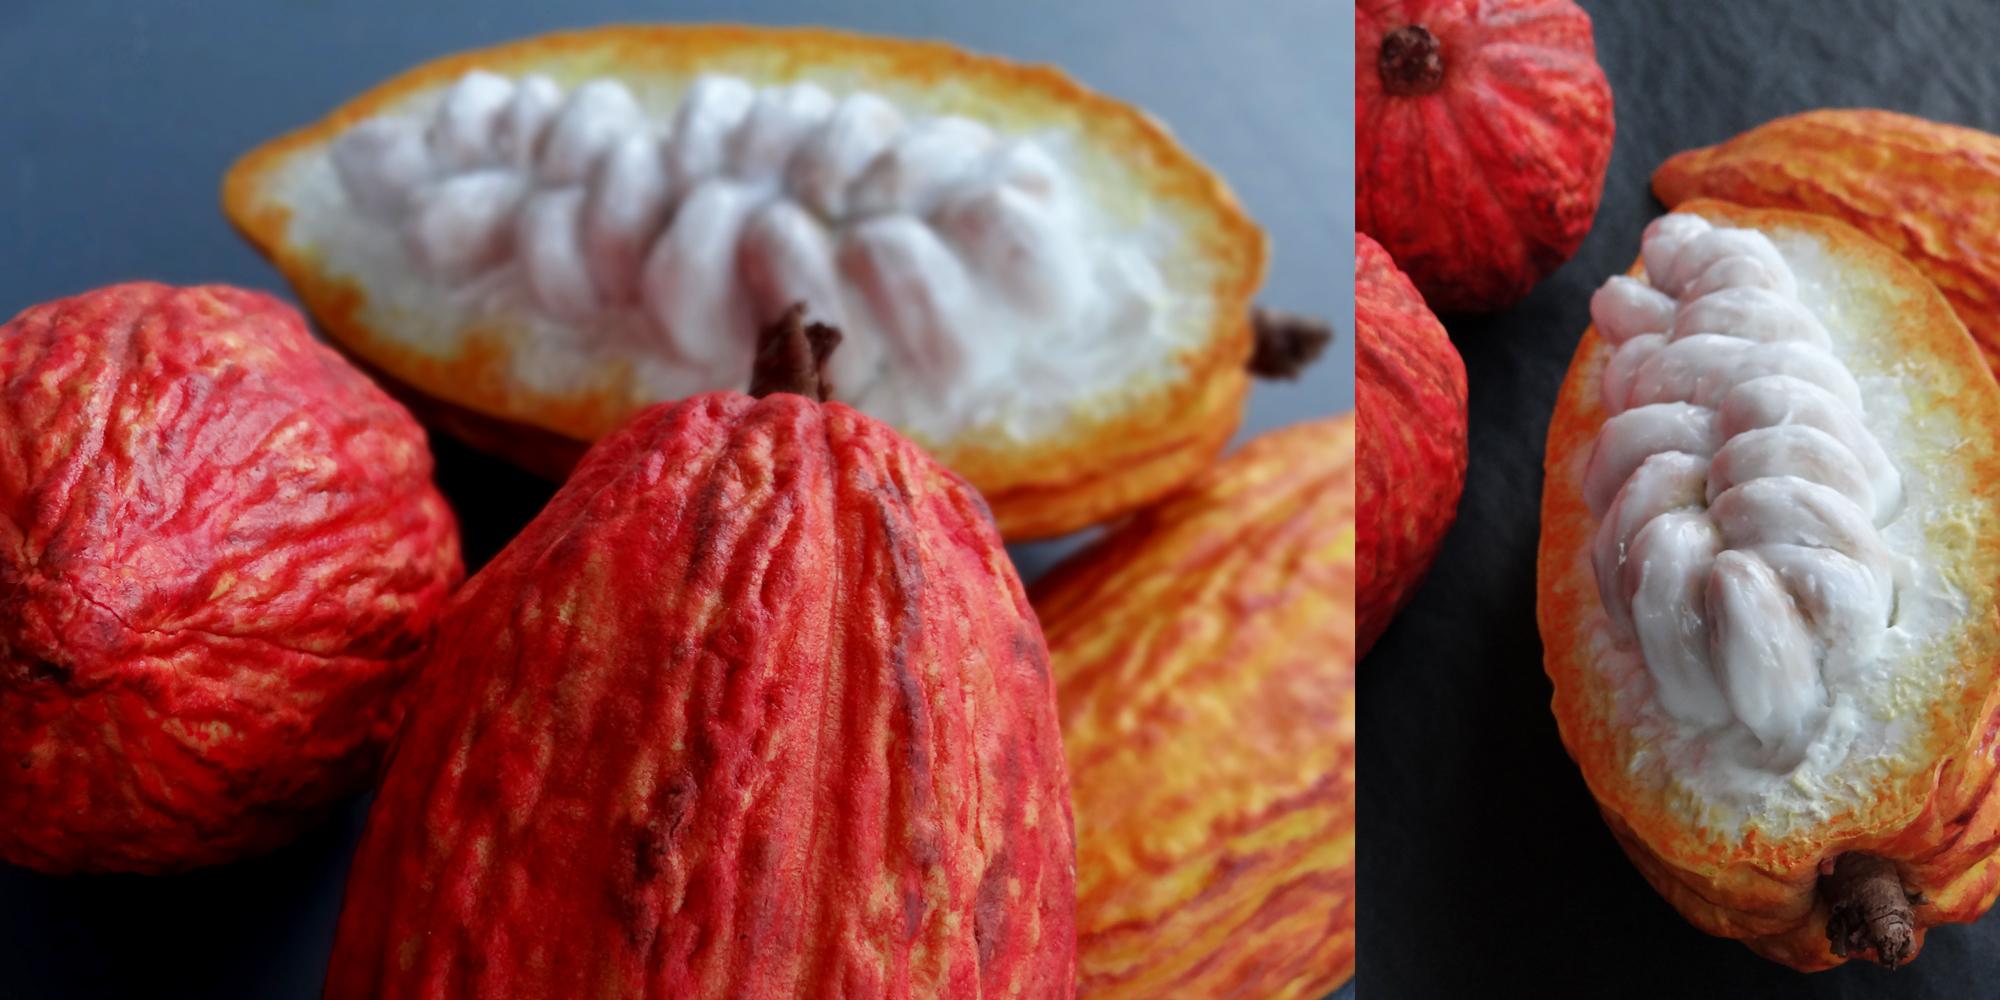 réalisation sculpture de cabosses de cacao fraiches ouvertes avec fèves visibles